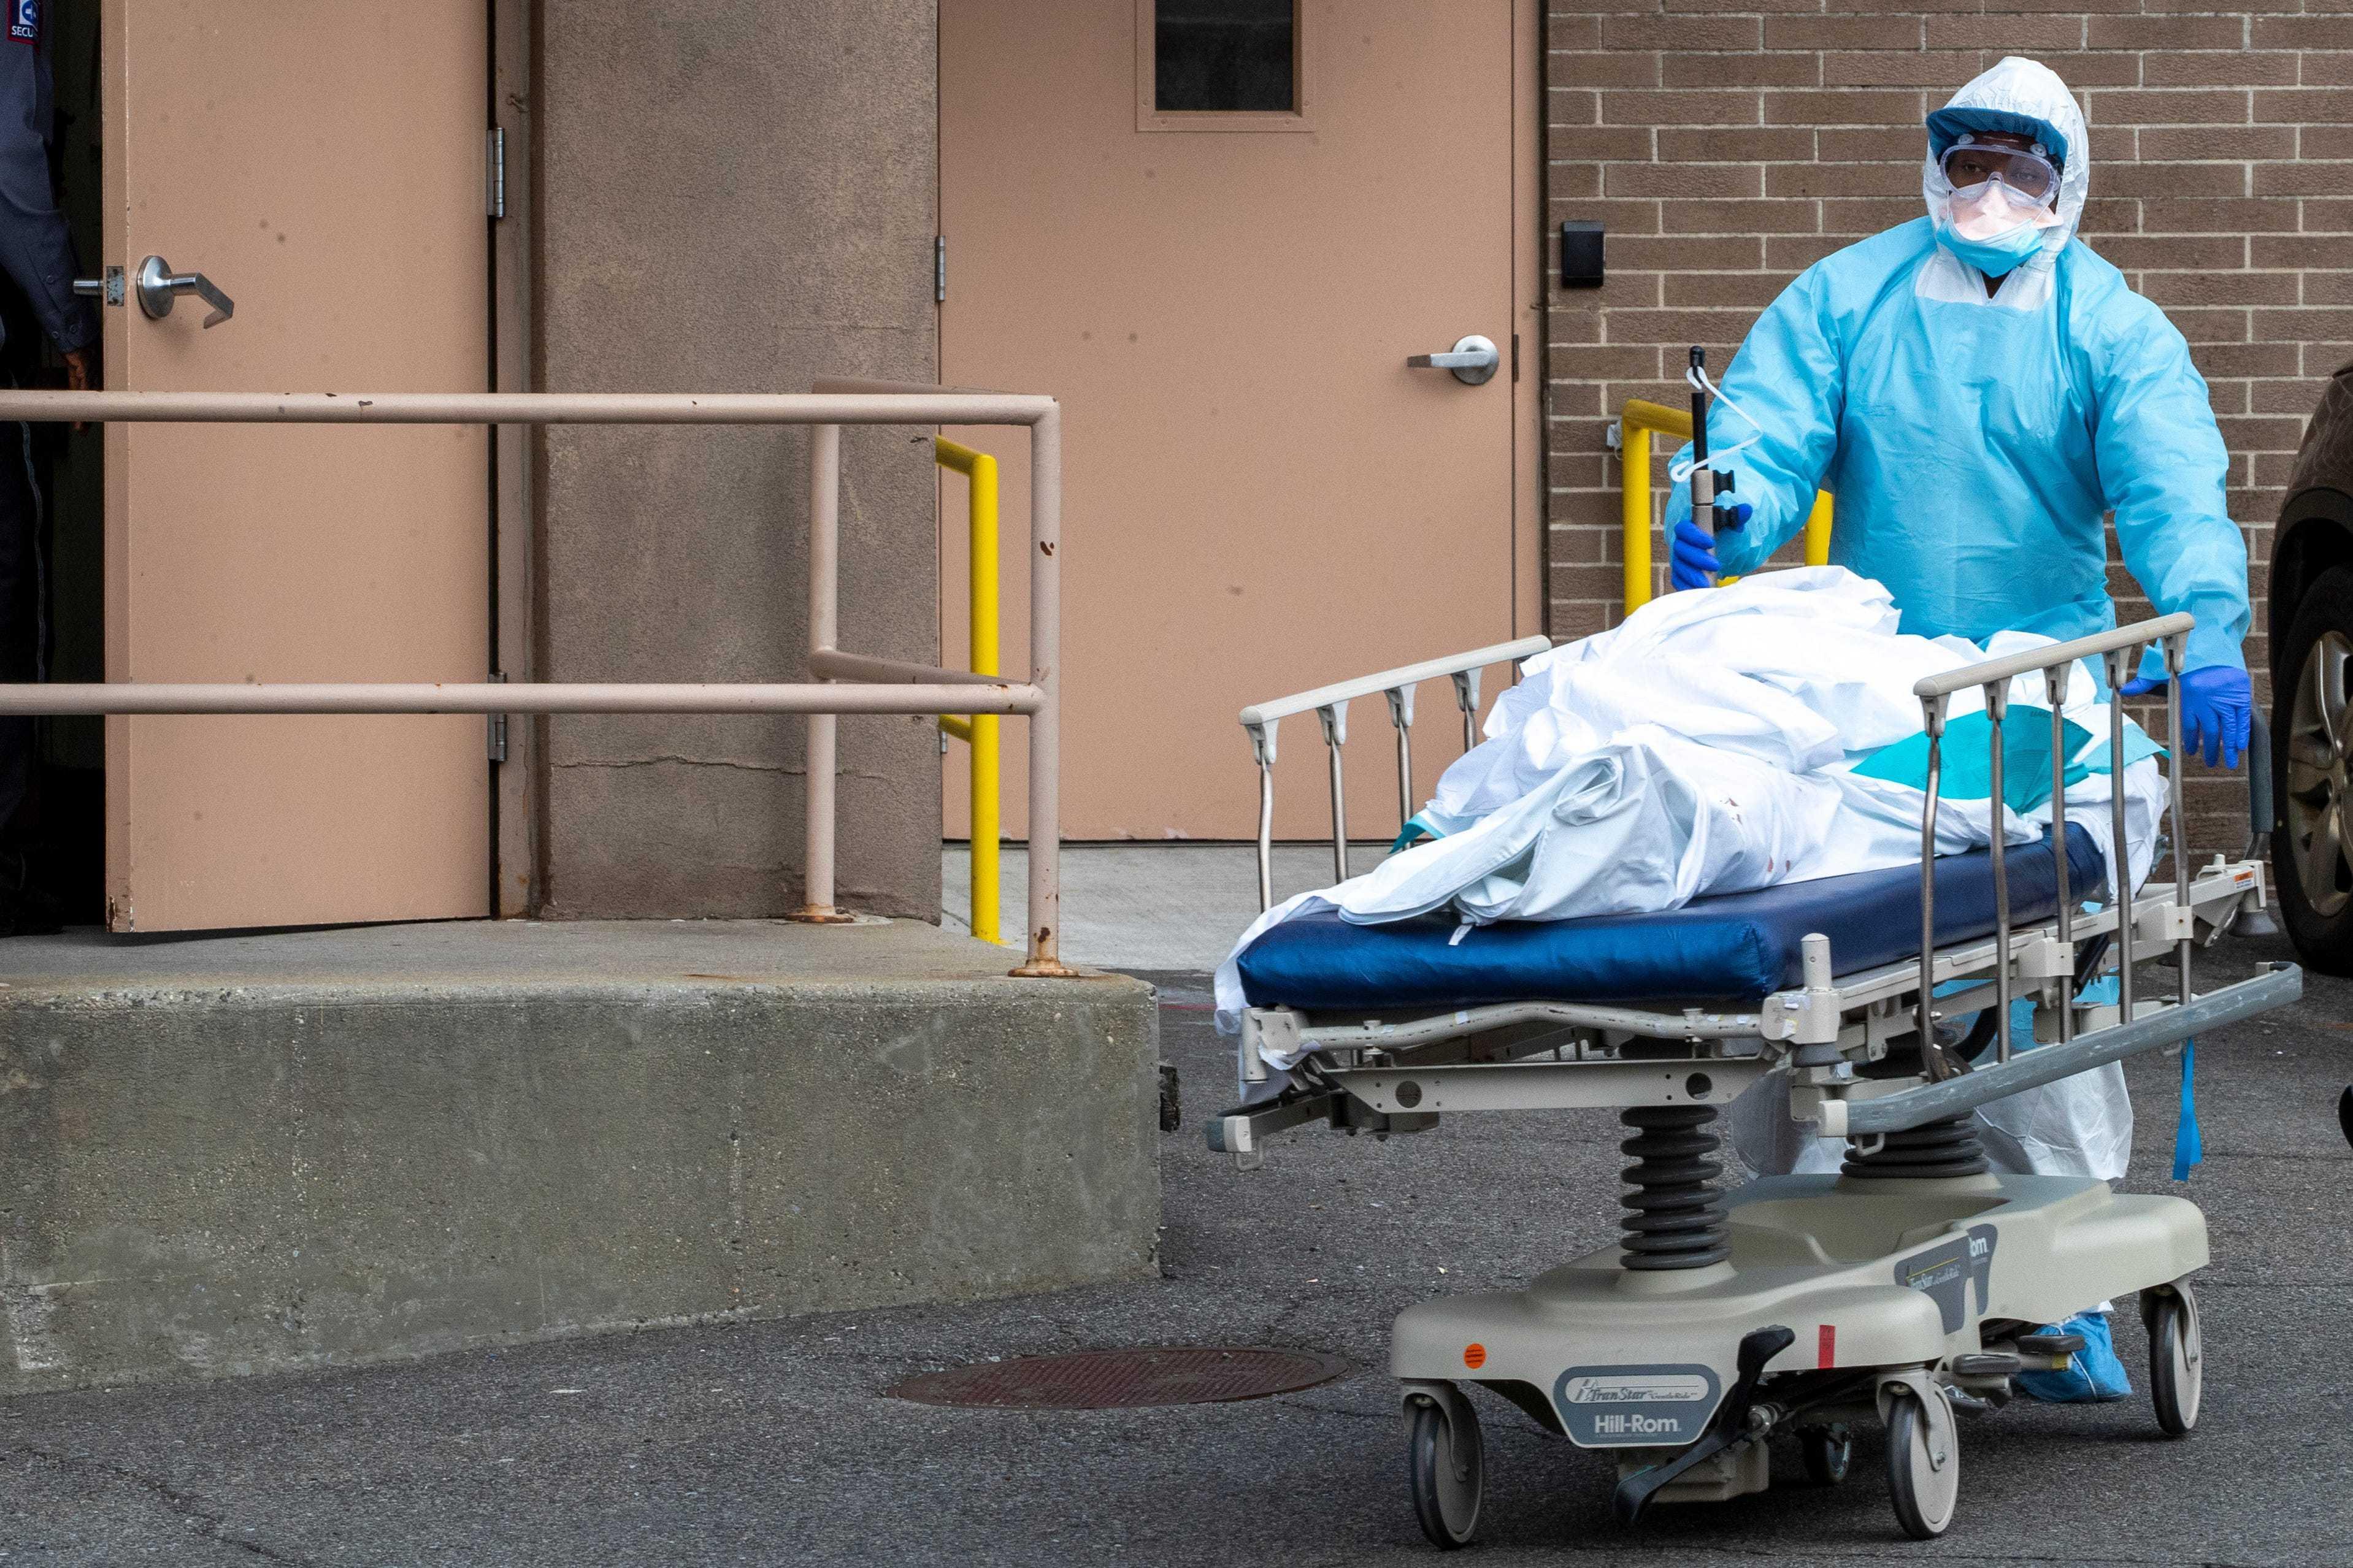 В США выявили рекордные 63 тыс. новых случаев СOVID-19 за сутки